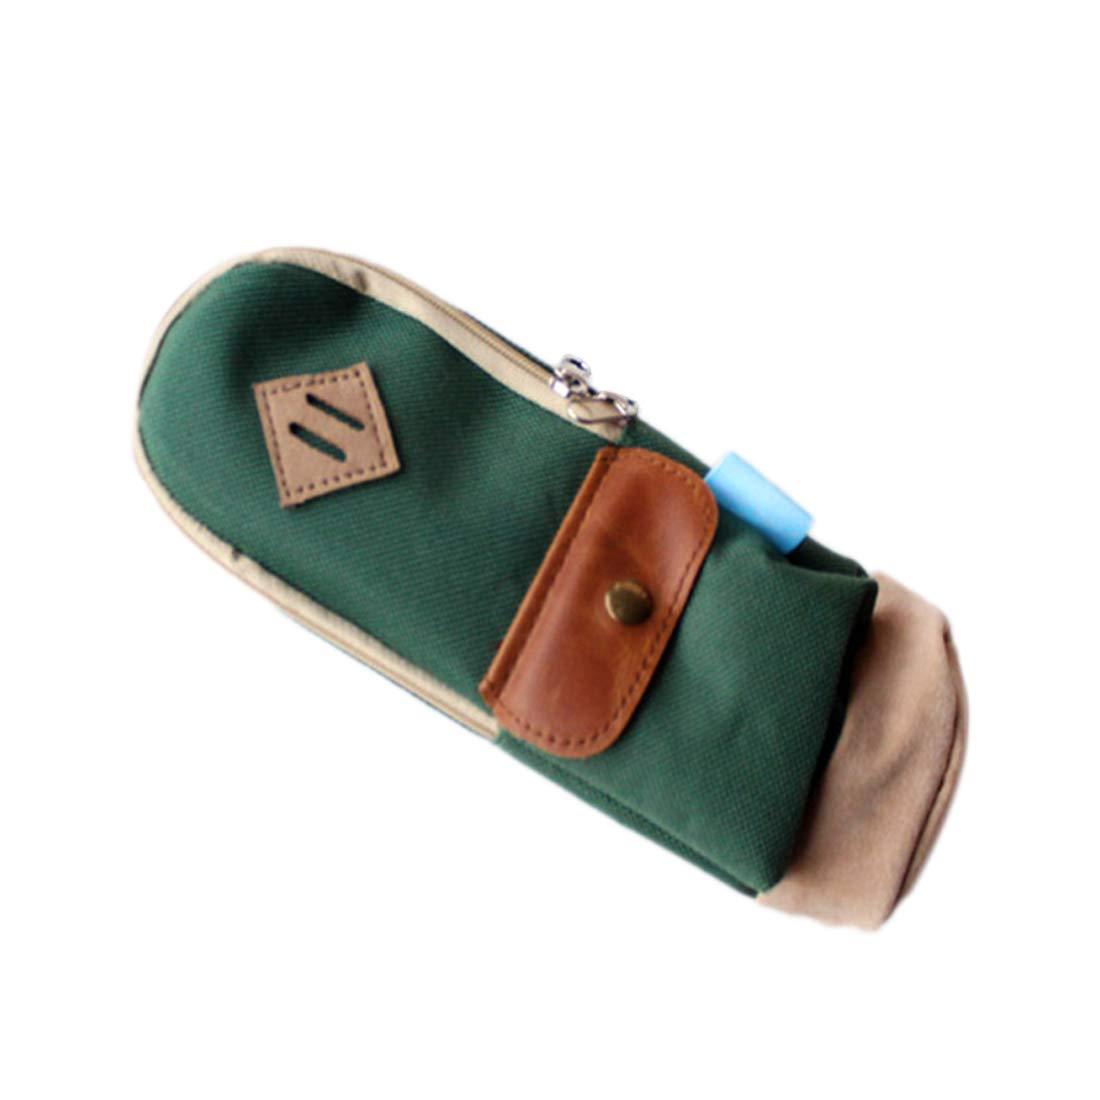 fablcrew Bolsa para cosméticos bolsa de maquillaje Maquillaje 20* 8* 4cm estuche estilo vintage Monedero Bolsa De Viaje Para Estudiantes Adultos verde